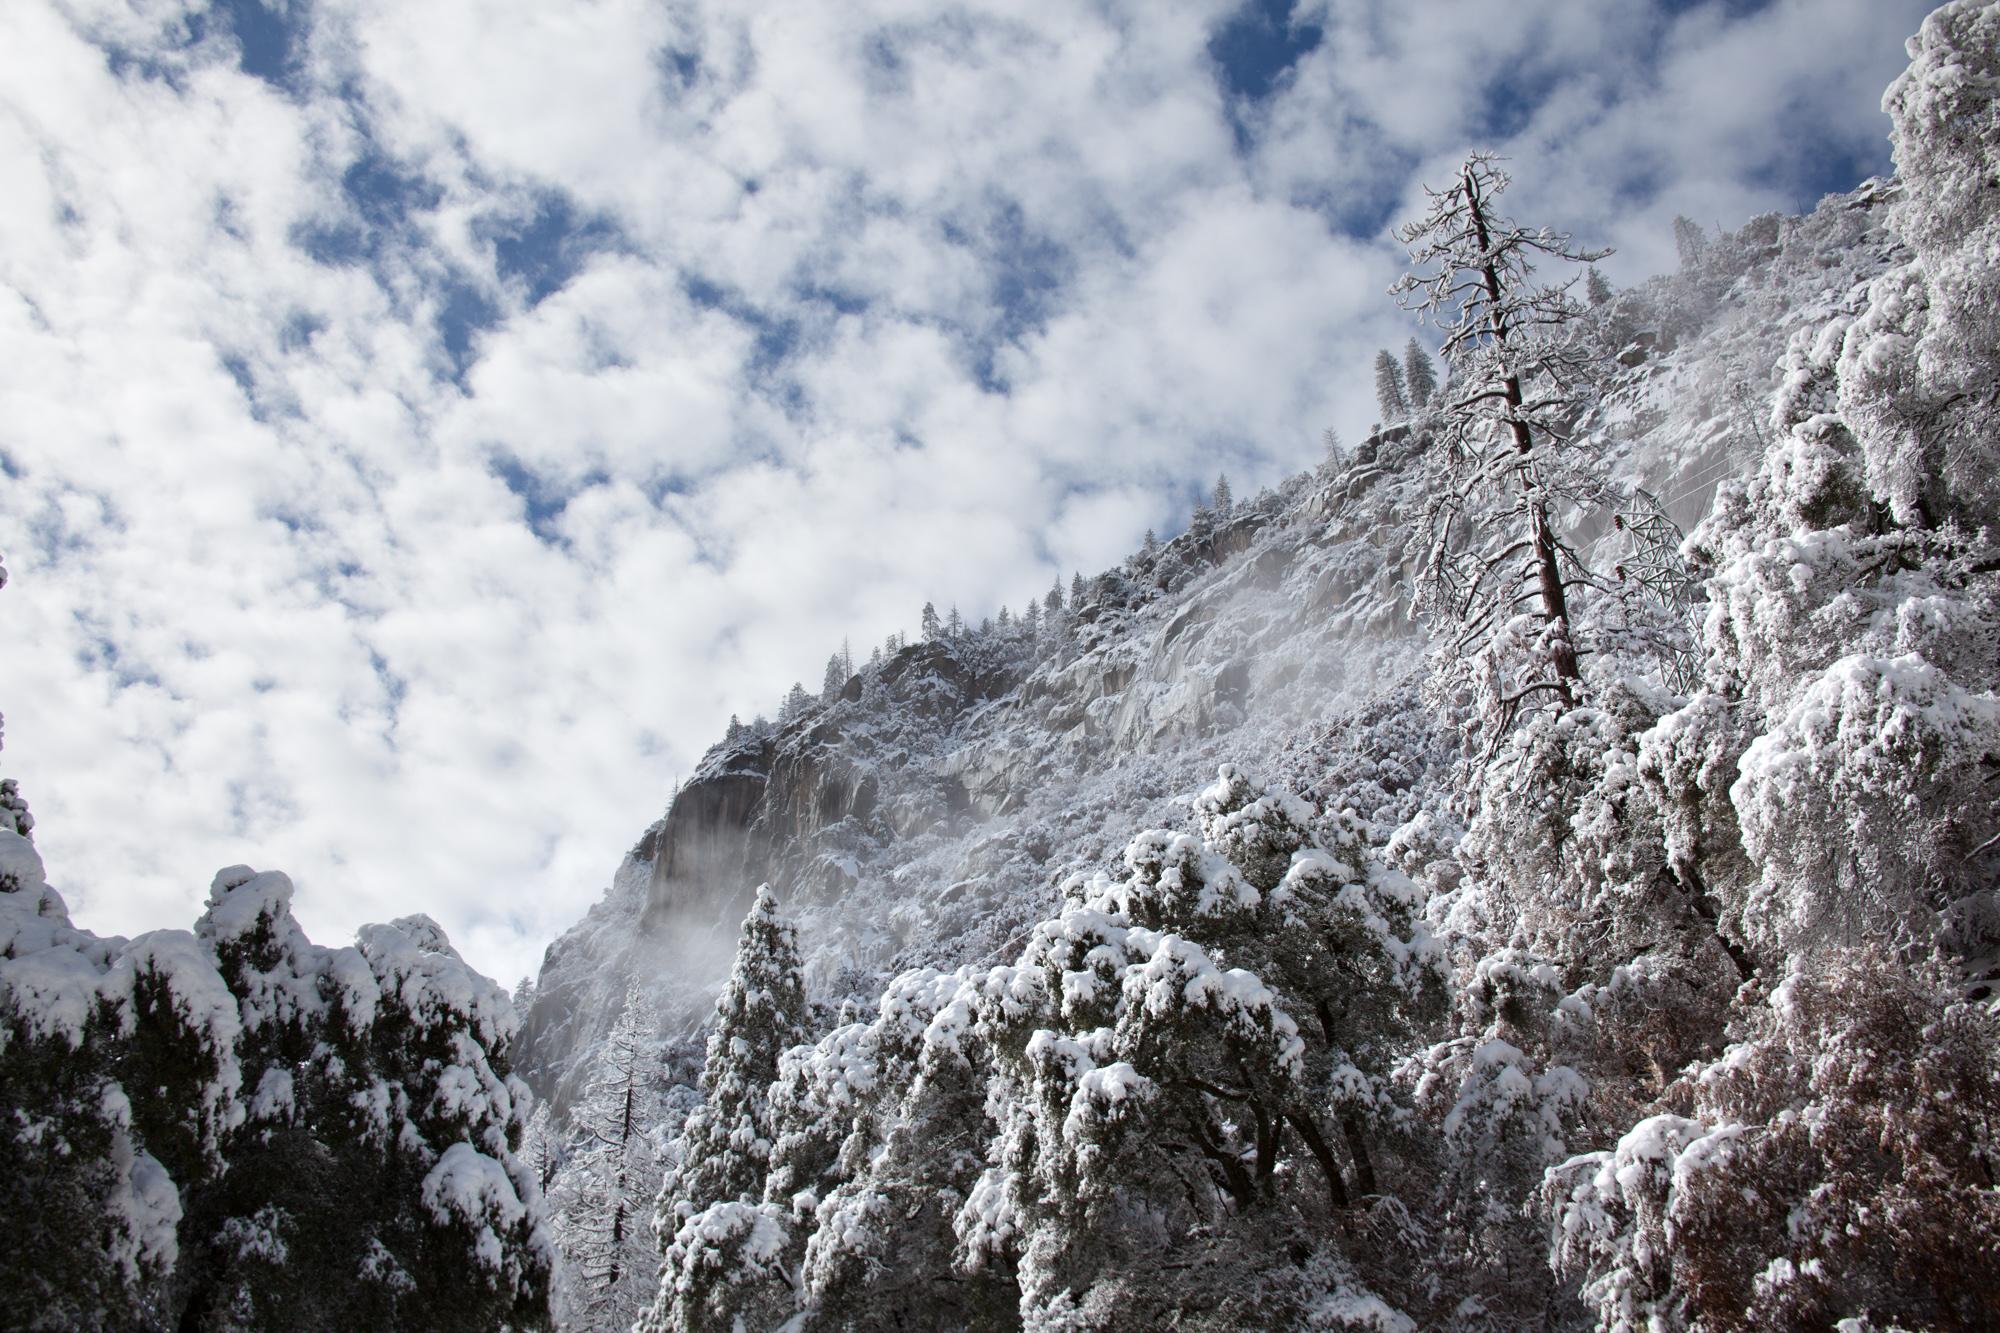 2019-02 Yosemite-24.jpg